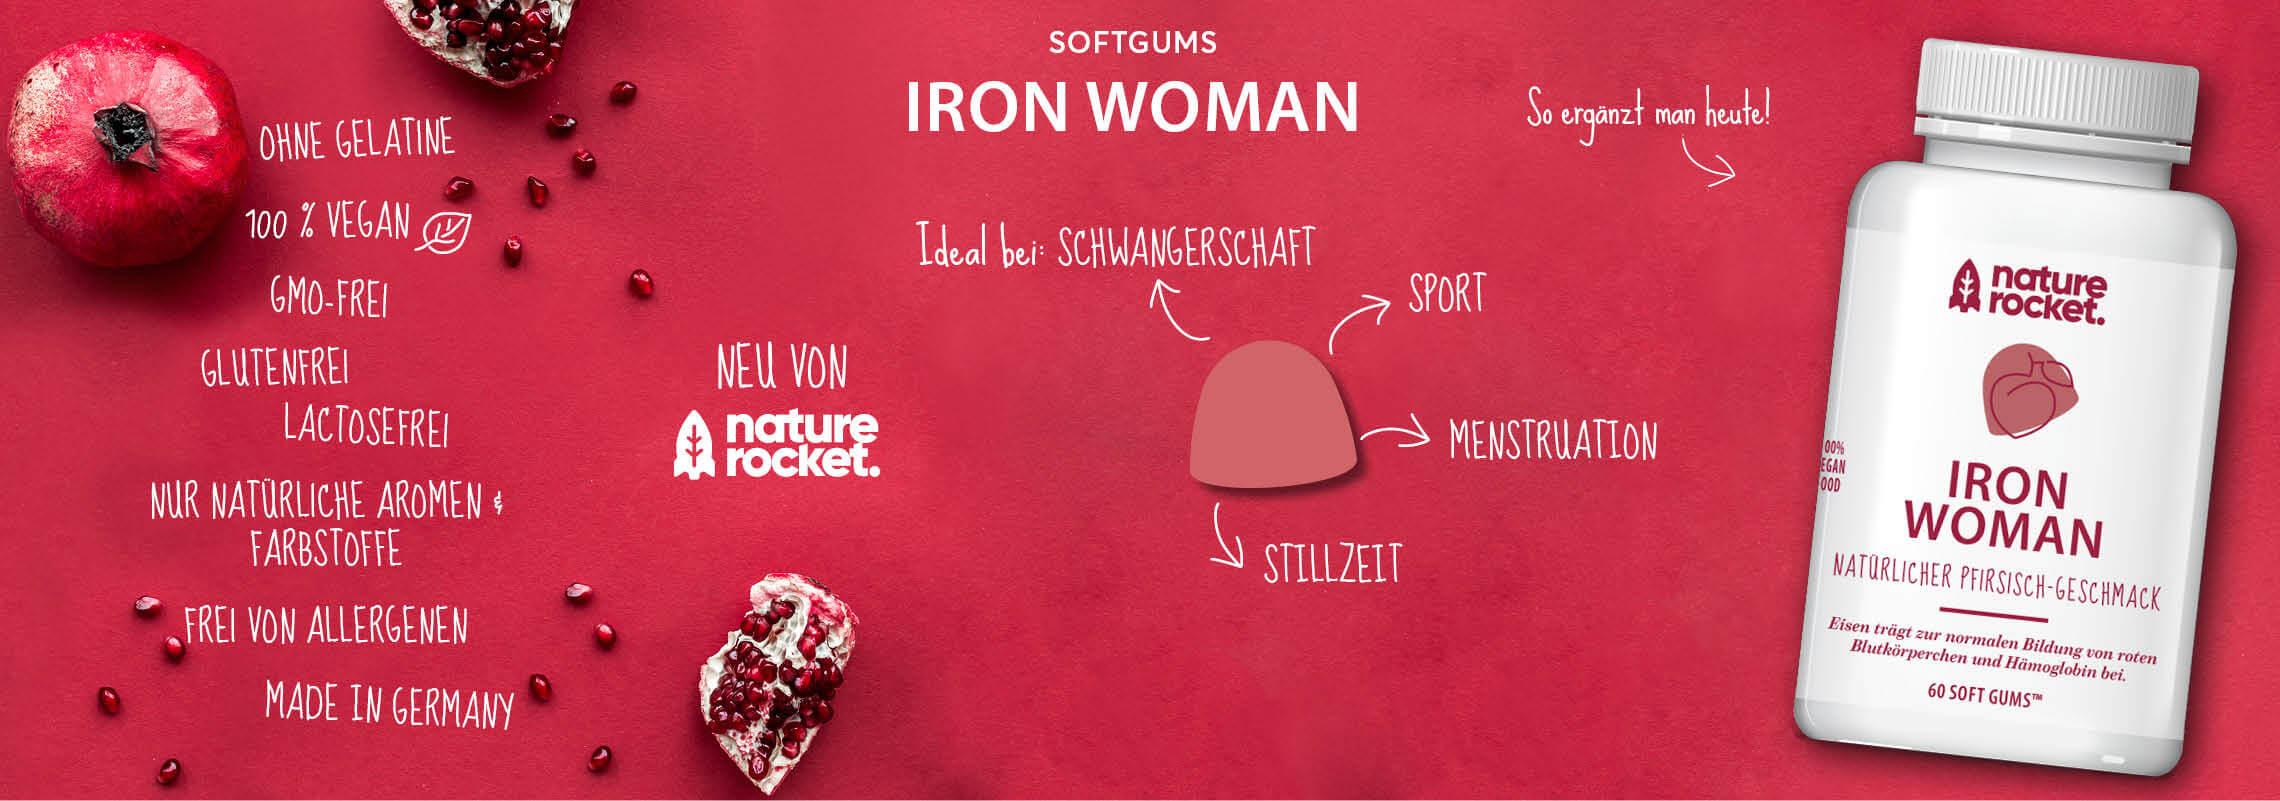 Fruchtgummis Nature Rocket mir Eisen für die Frau Iron-Woman Softgum